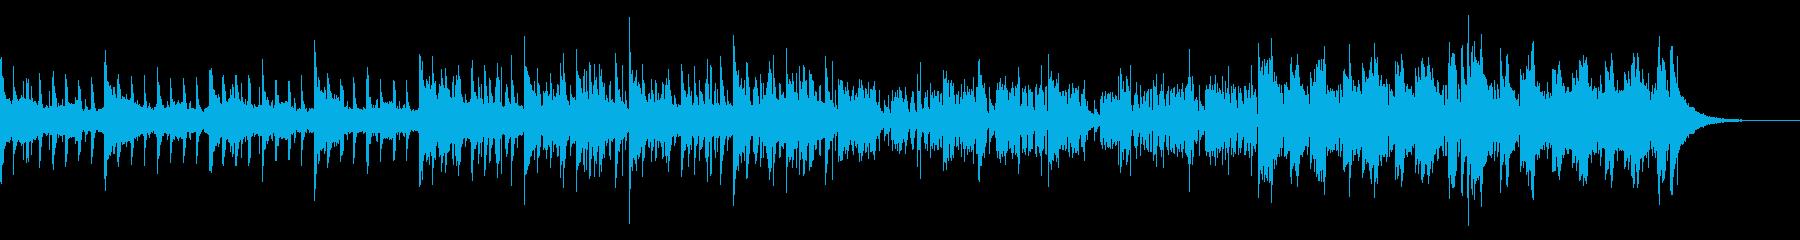 ダークなトラップ風インダストリアルの再生済みの波形